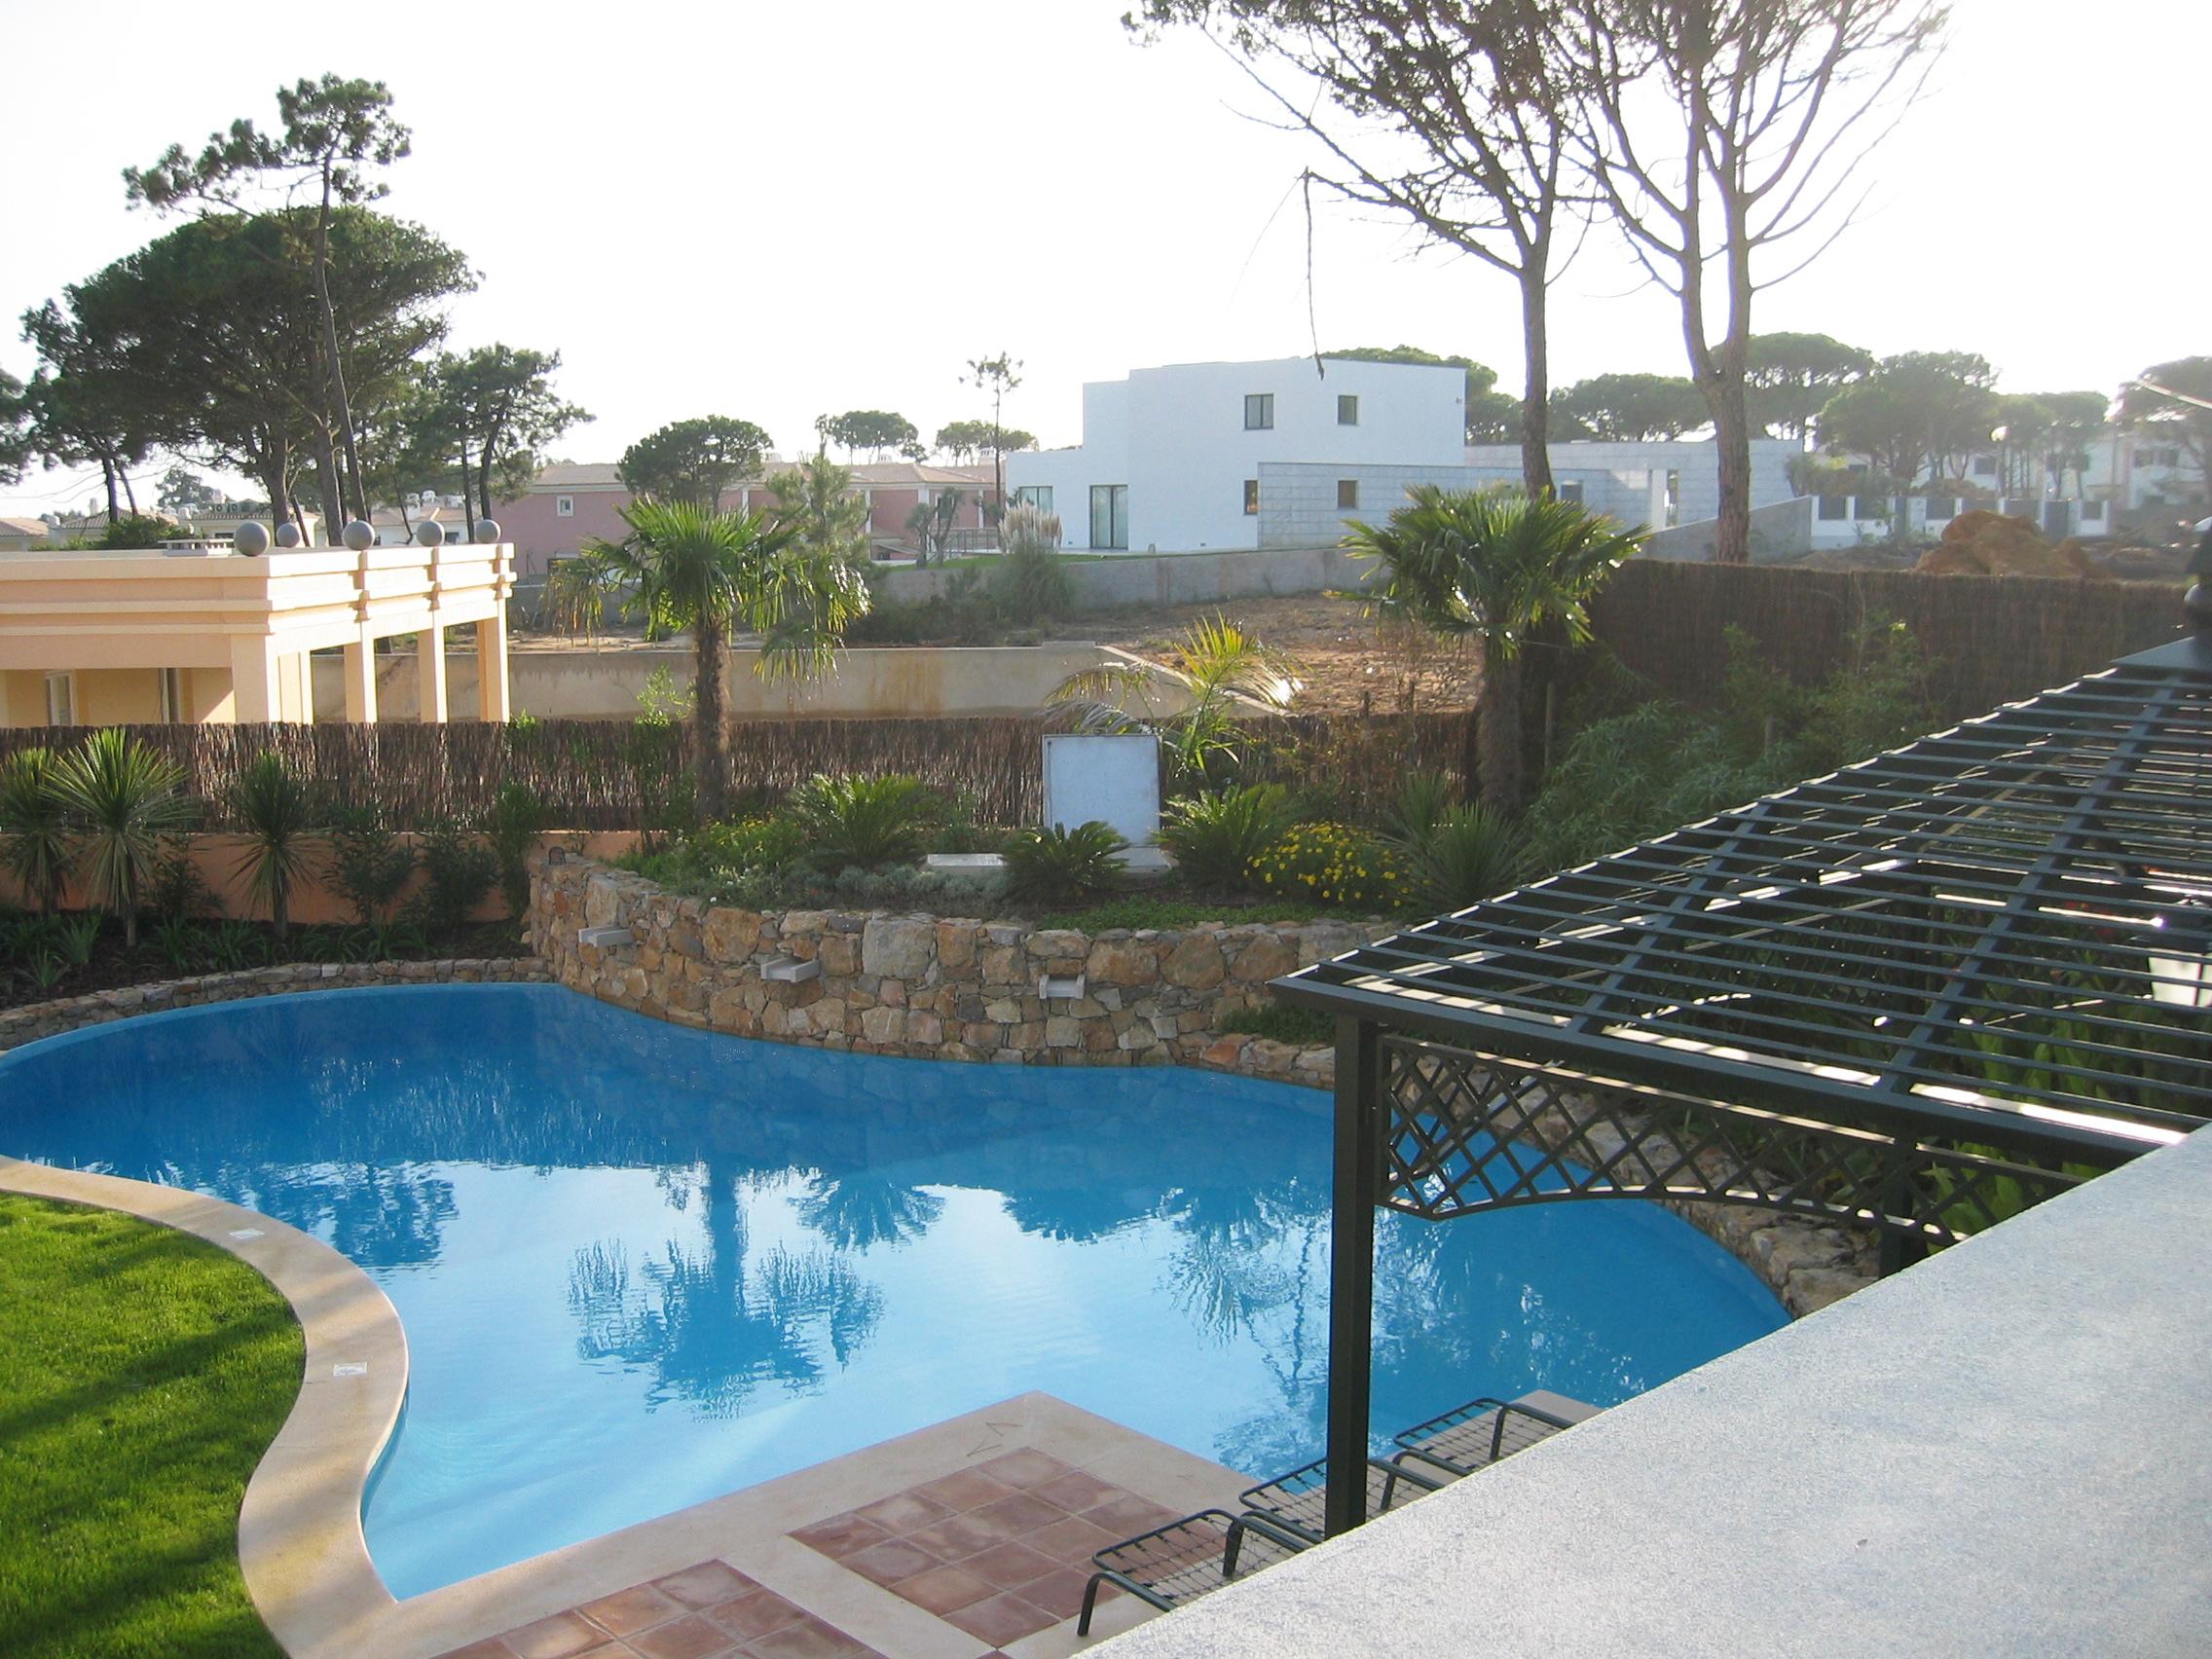 piscina azul deva